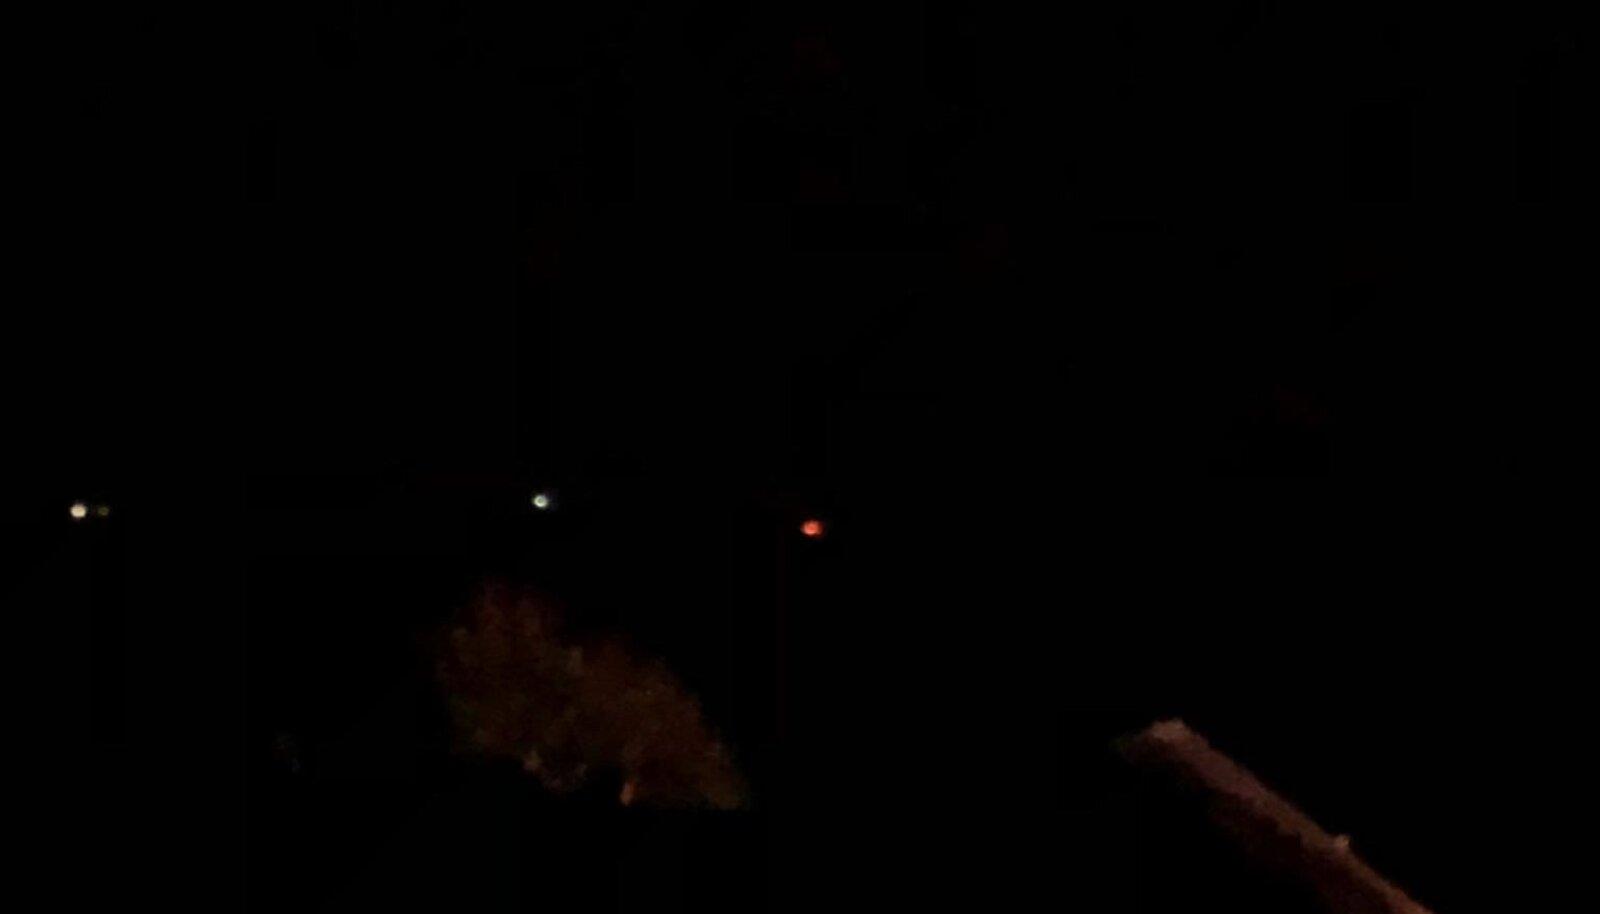 Mandrilt tehtud pilt. Kõige paremal olev punakas laik on leekides Mohni saar, valged täpid on laevad.